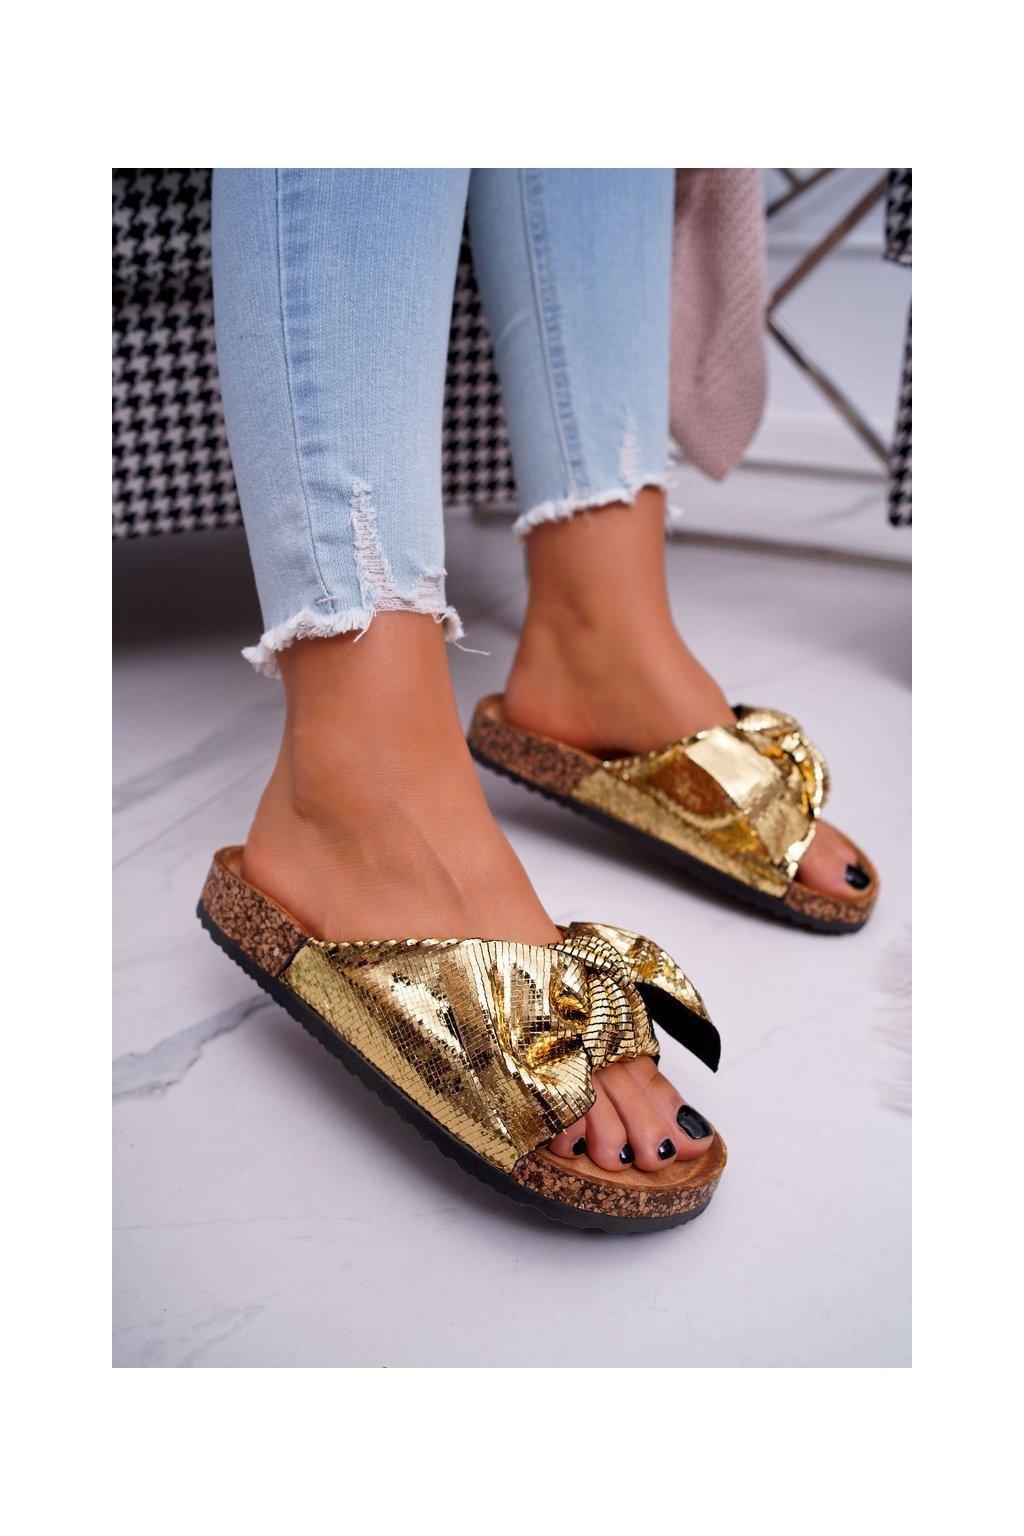 Dámske šľapky zlaté Metalics CK111 GOLD